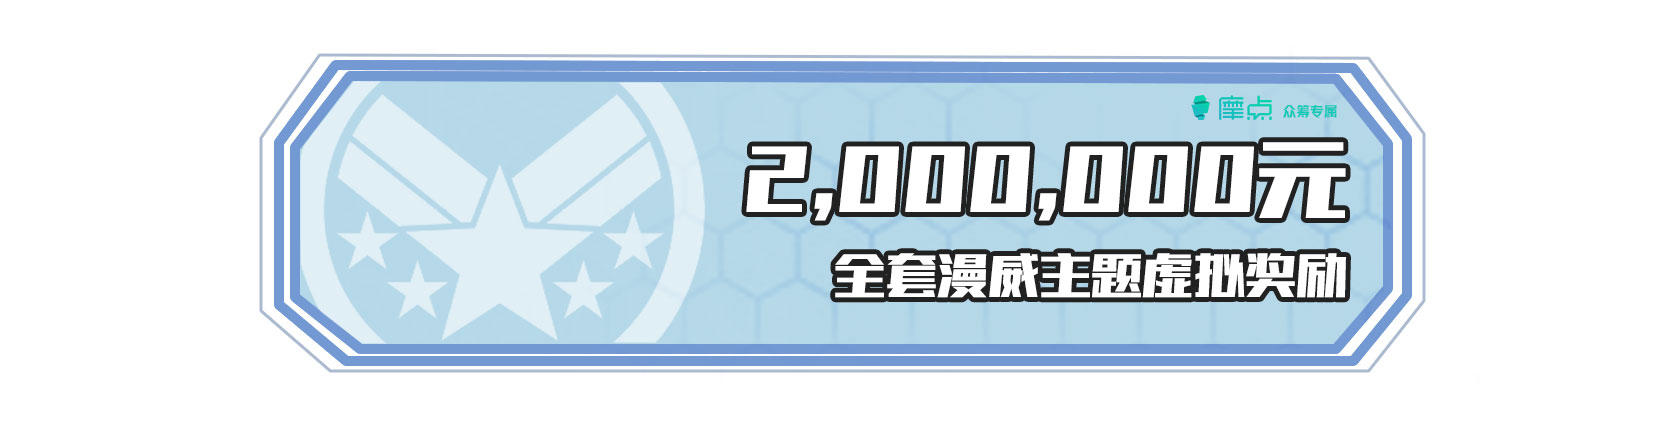 200万成功解锁.jpg